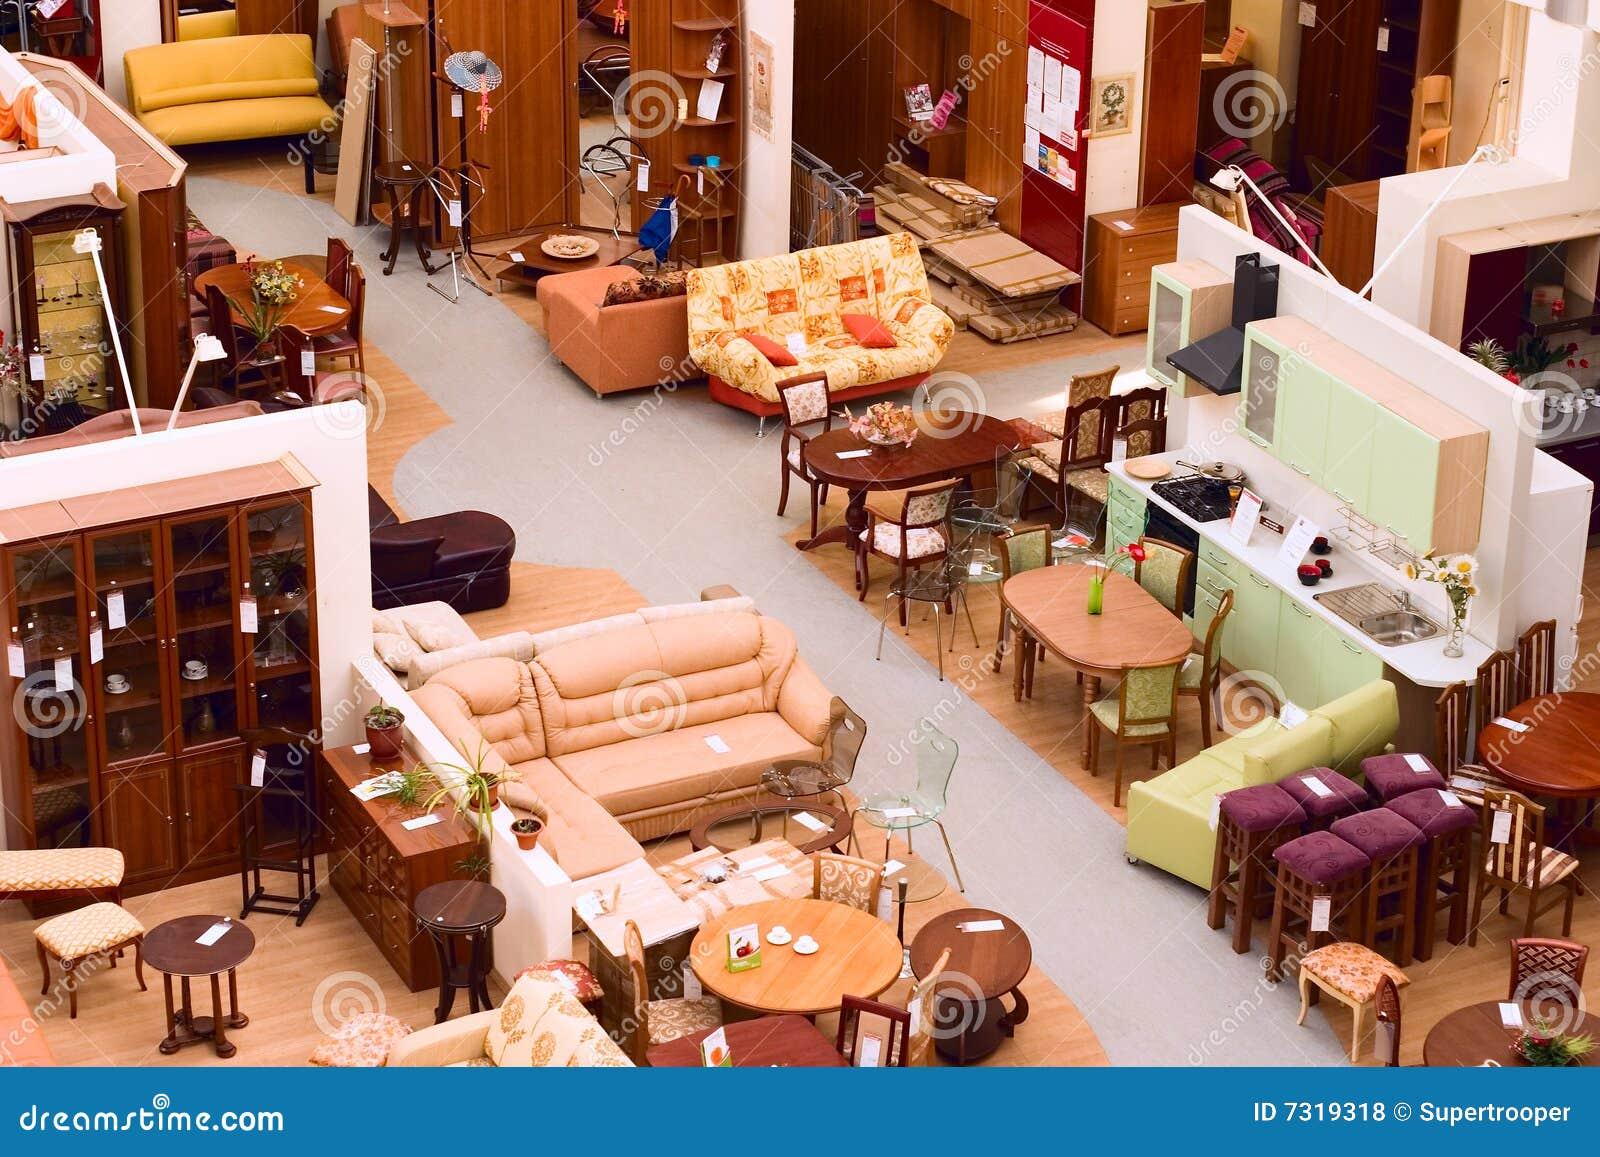 Negozio di mobili